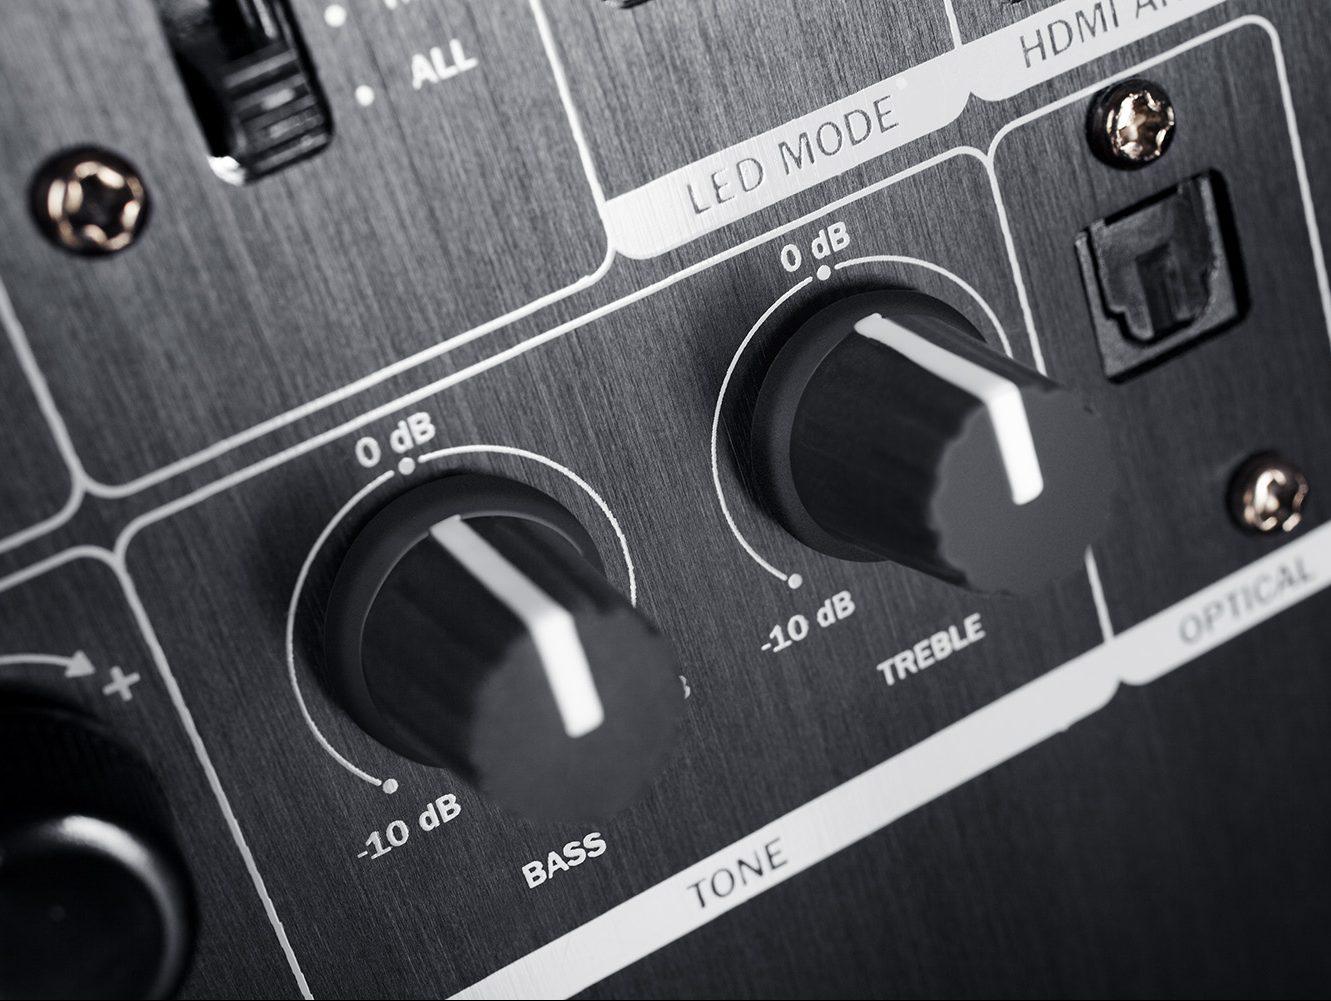 Zdjęcie tylnej strony aktywnego głośnika Ultima 40